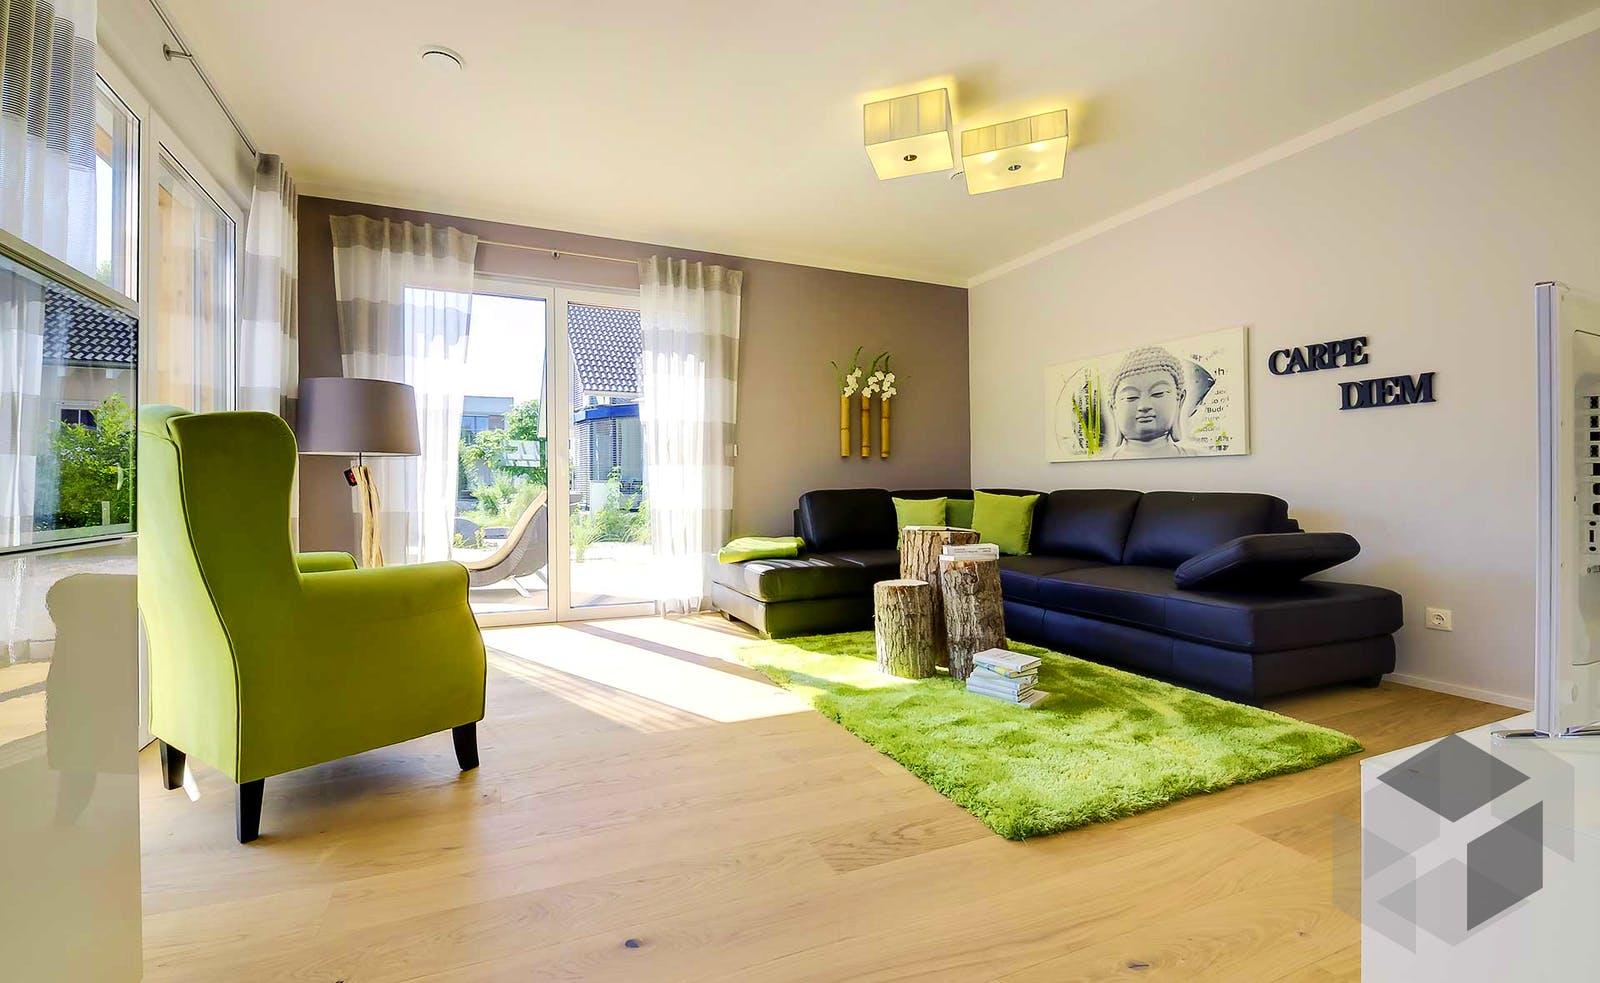 haas s 155 b von haas haus komplette daten bersicht. Black Bedroom Furniture Sets. Home Design Ideas